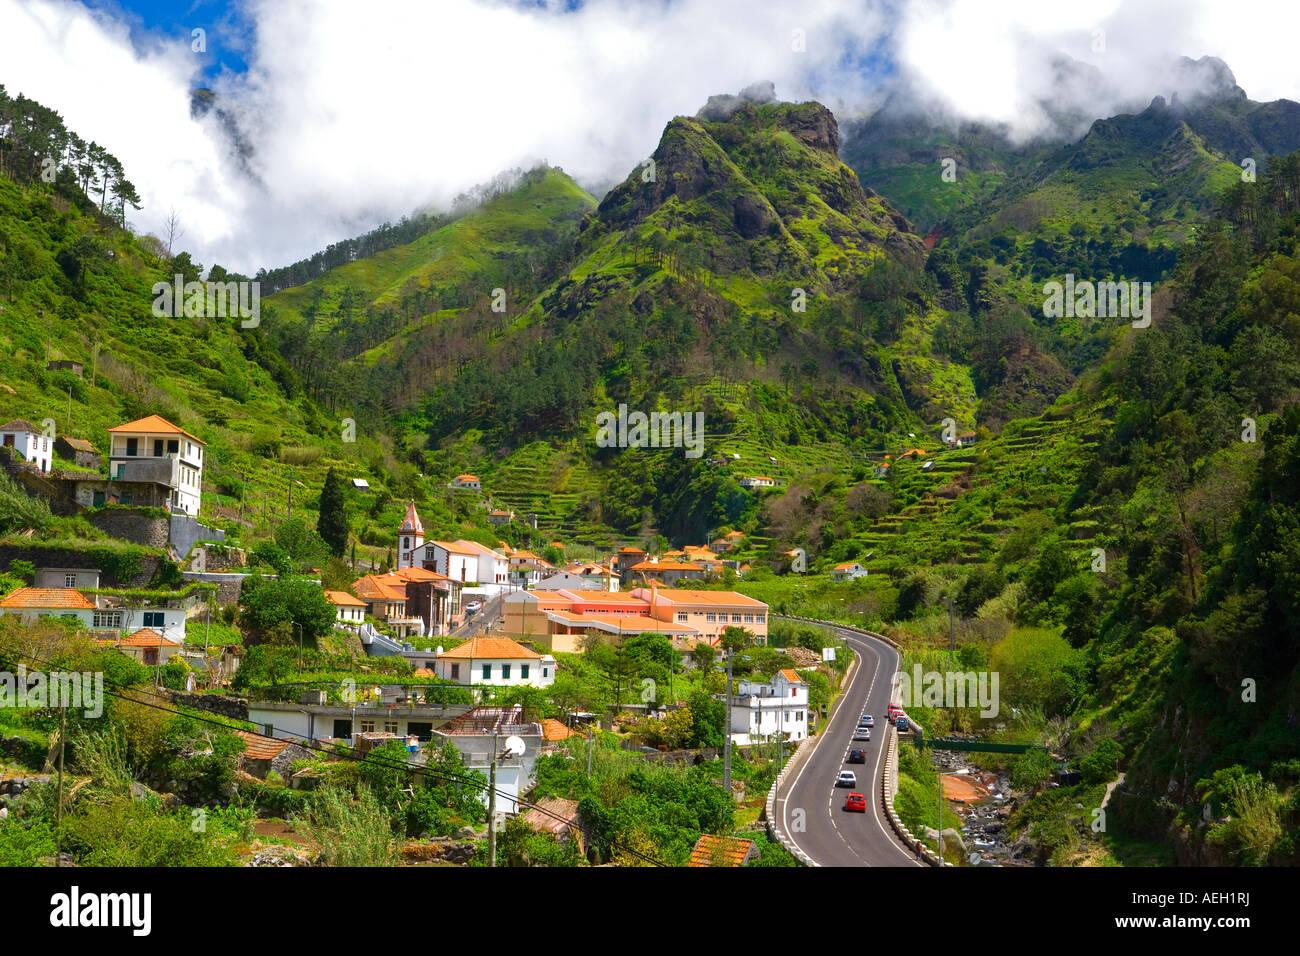 Ribiera Brava View over Serra de Agua, Madeira Portugal - Stock Image